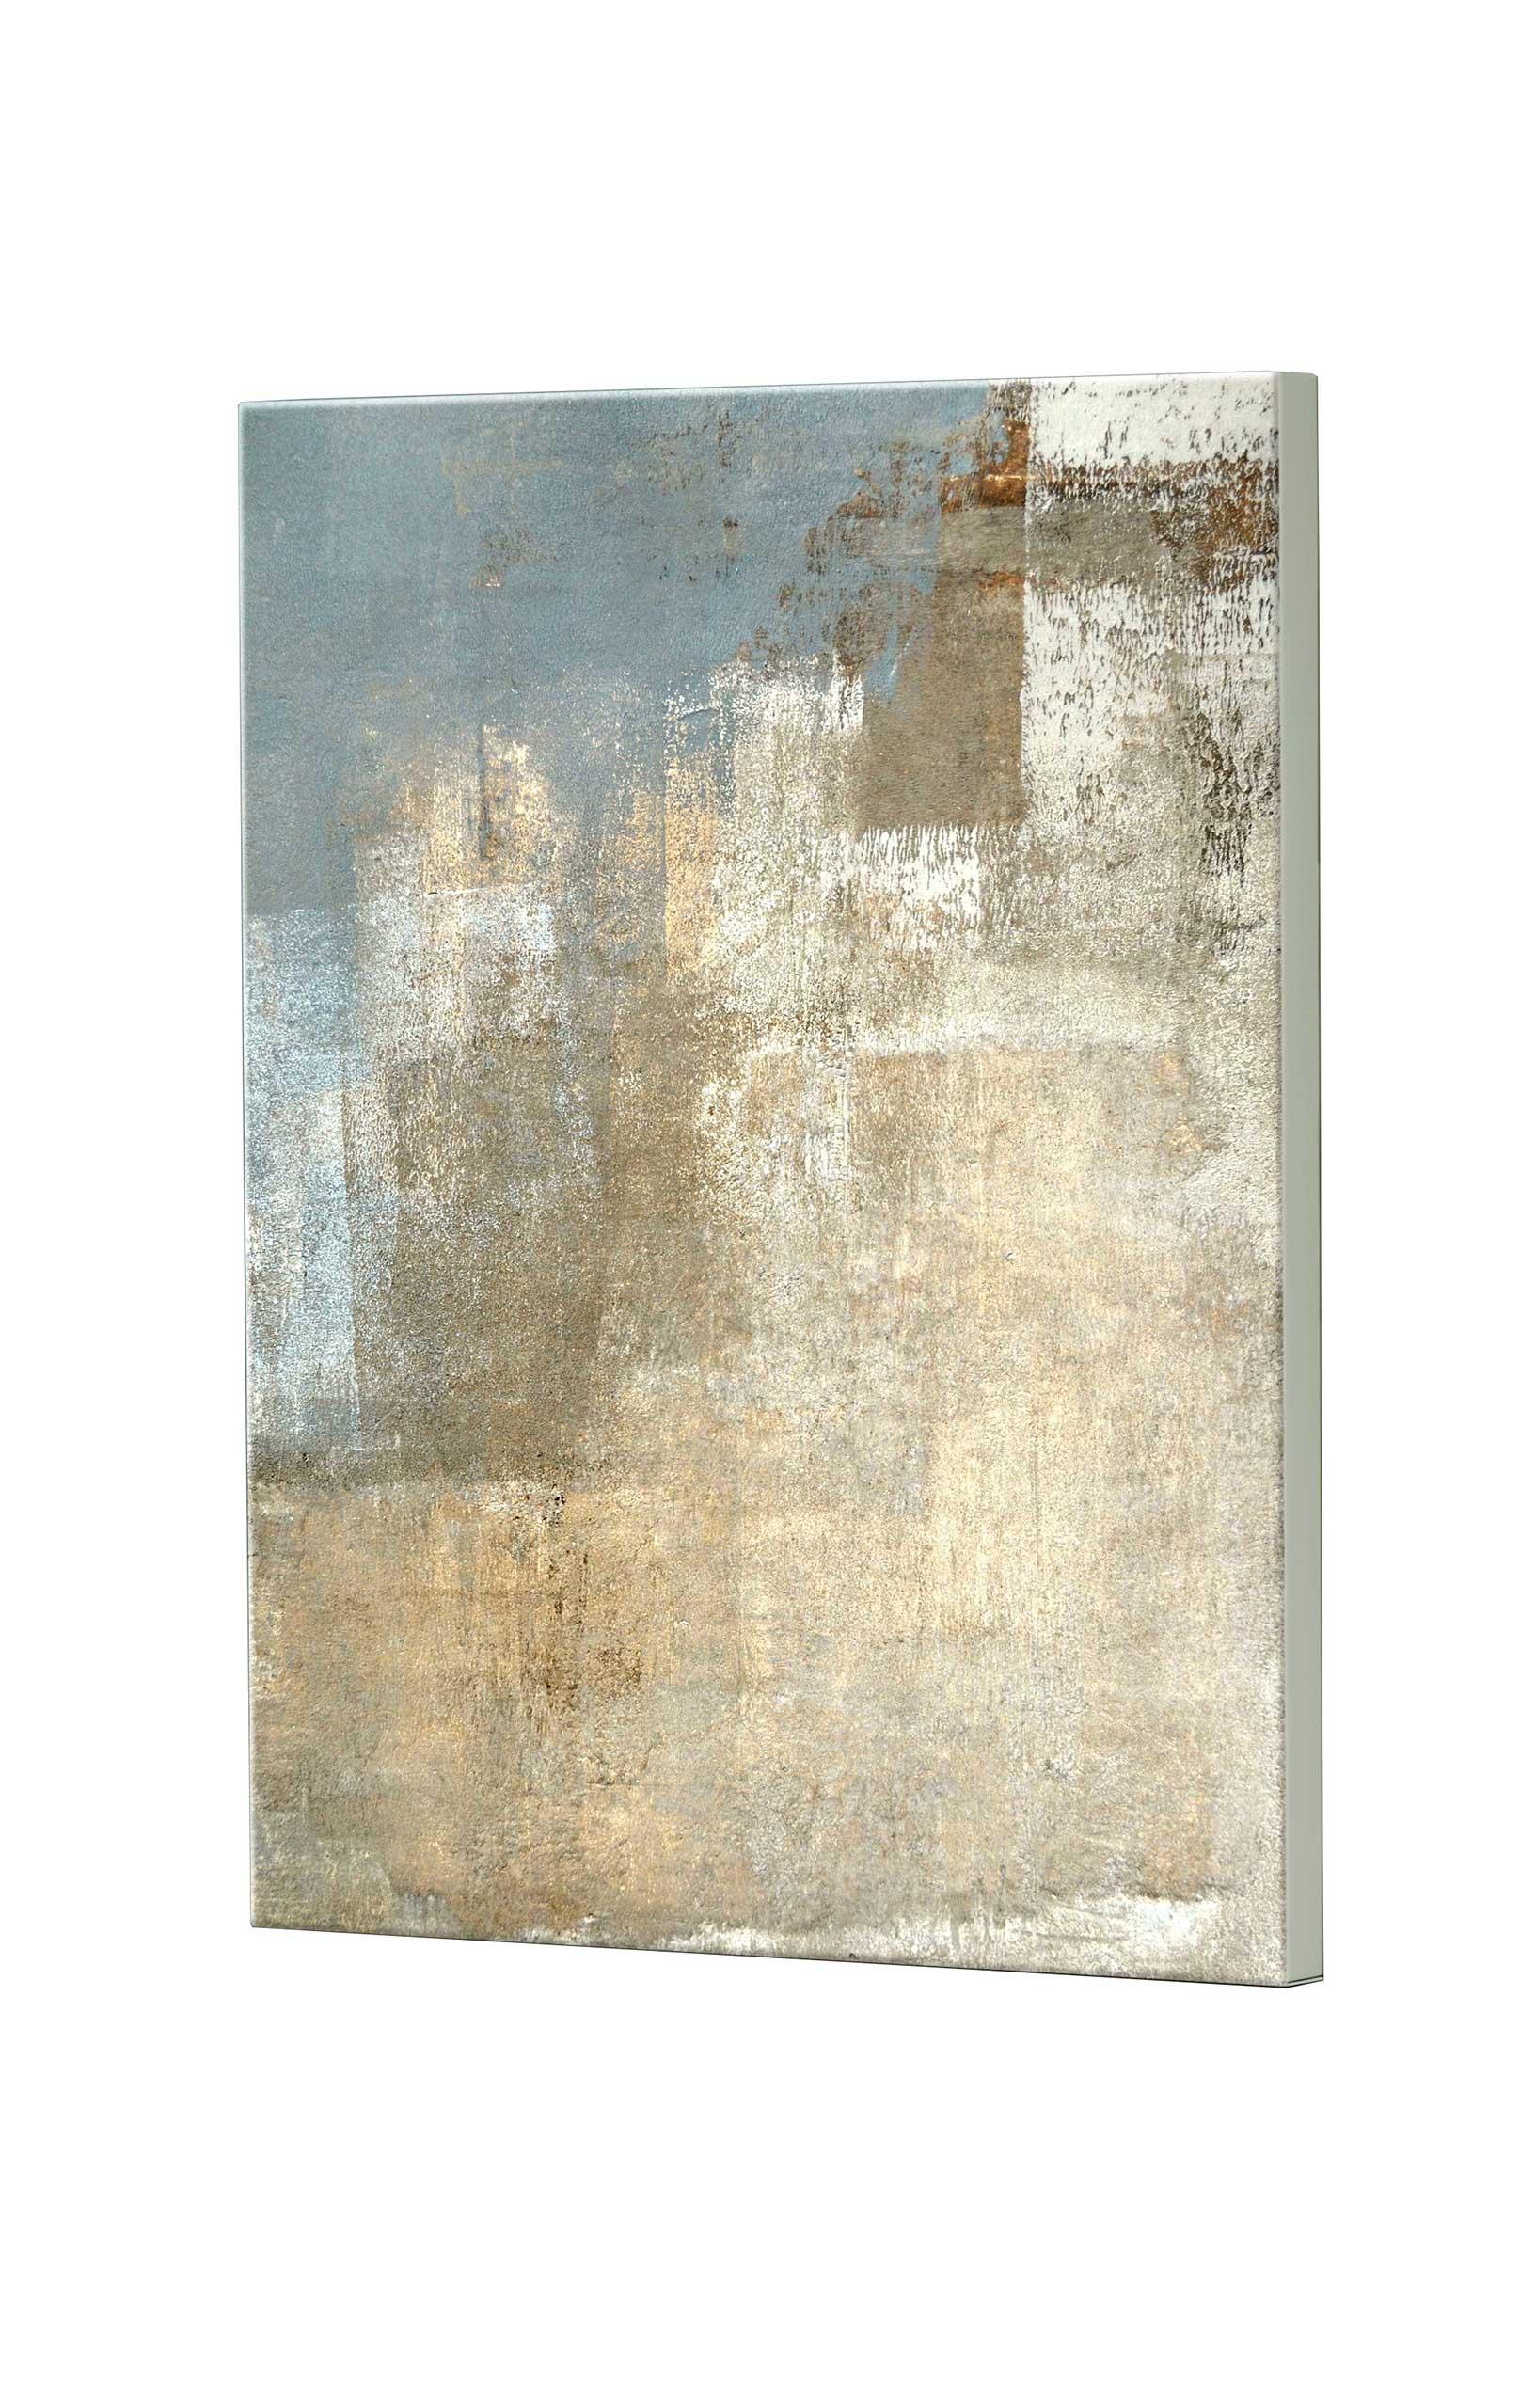 Magnettafel NOTIZ 60x80cm Motiv Abstrakt MDH154 Motiv-Pinnwand